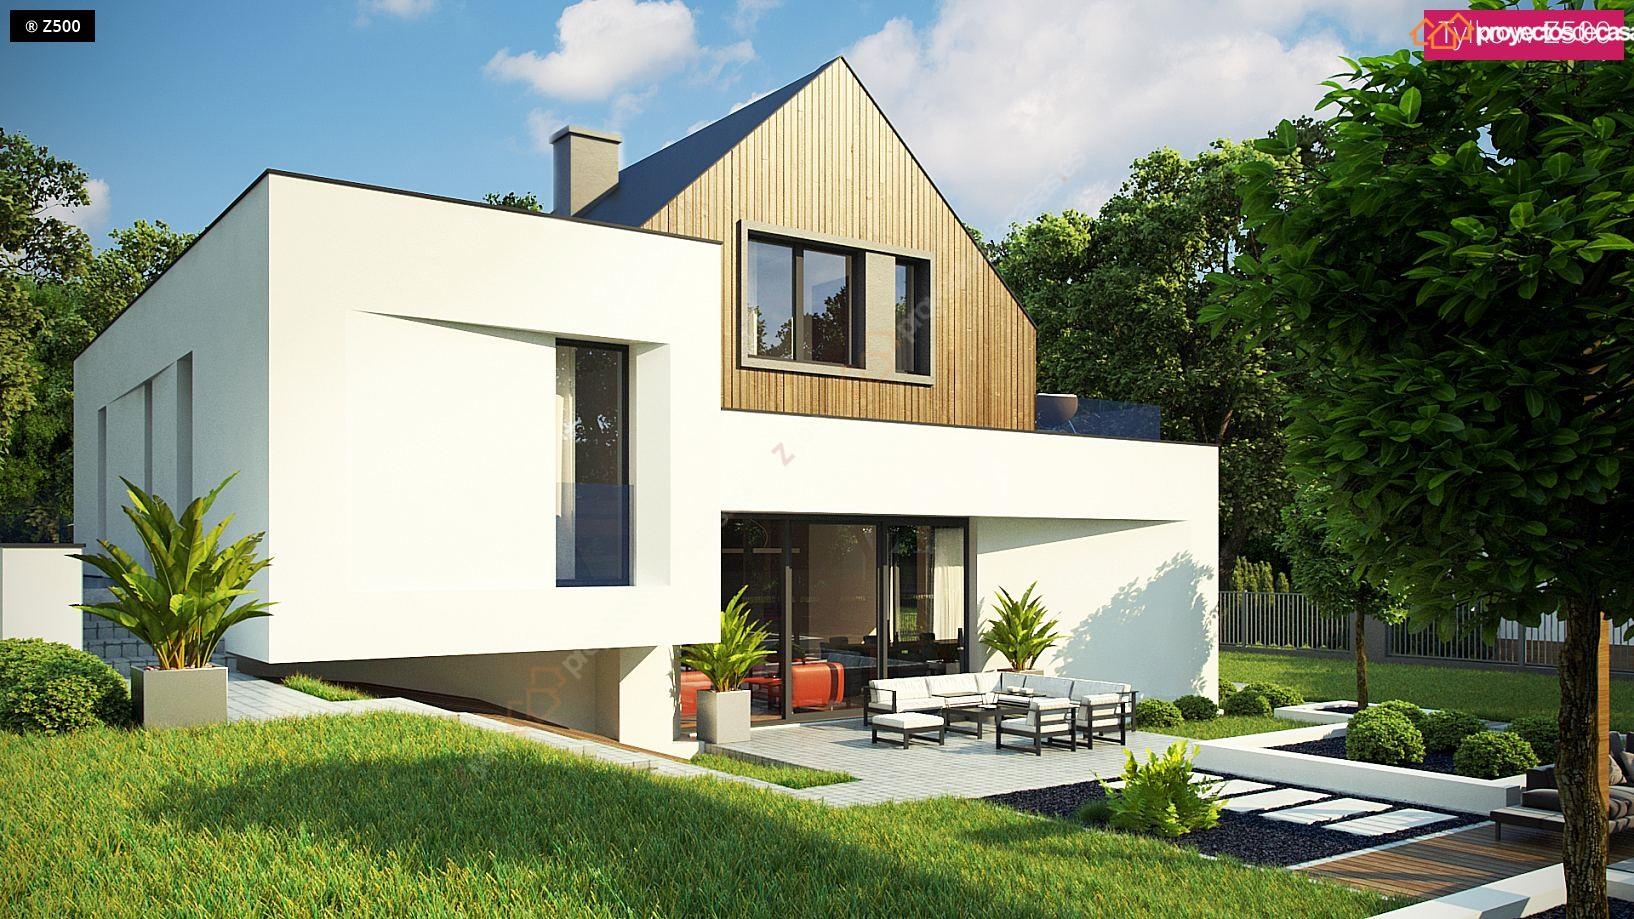 Proyectos De Casas Casa Moderna Con Piscina